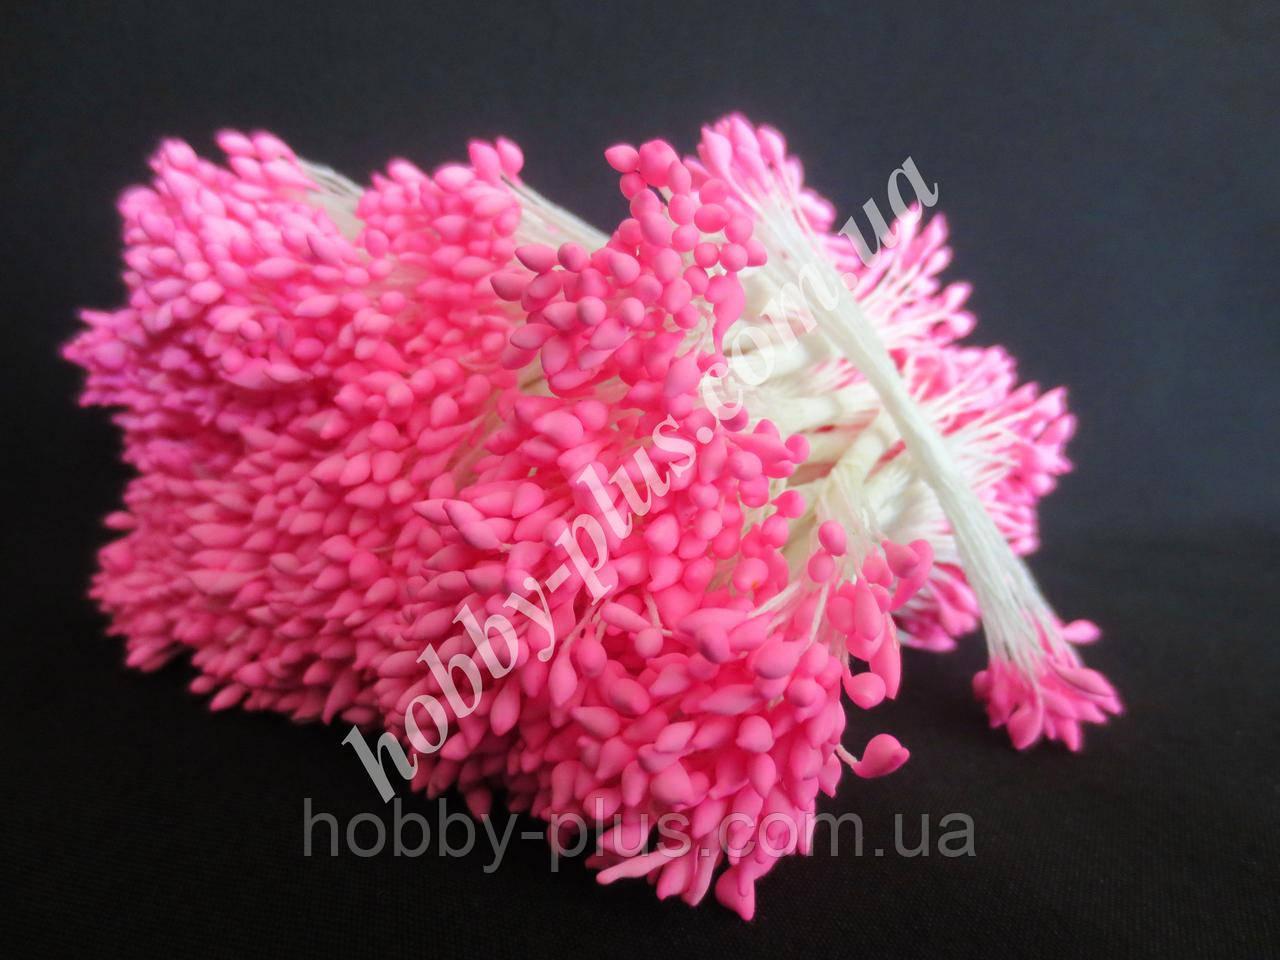 Тайские тычинки, РОЗОВЫЕ, каплевидные на белой нити, 23-25 нитей, 50 головок